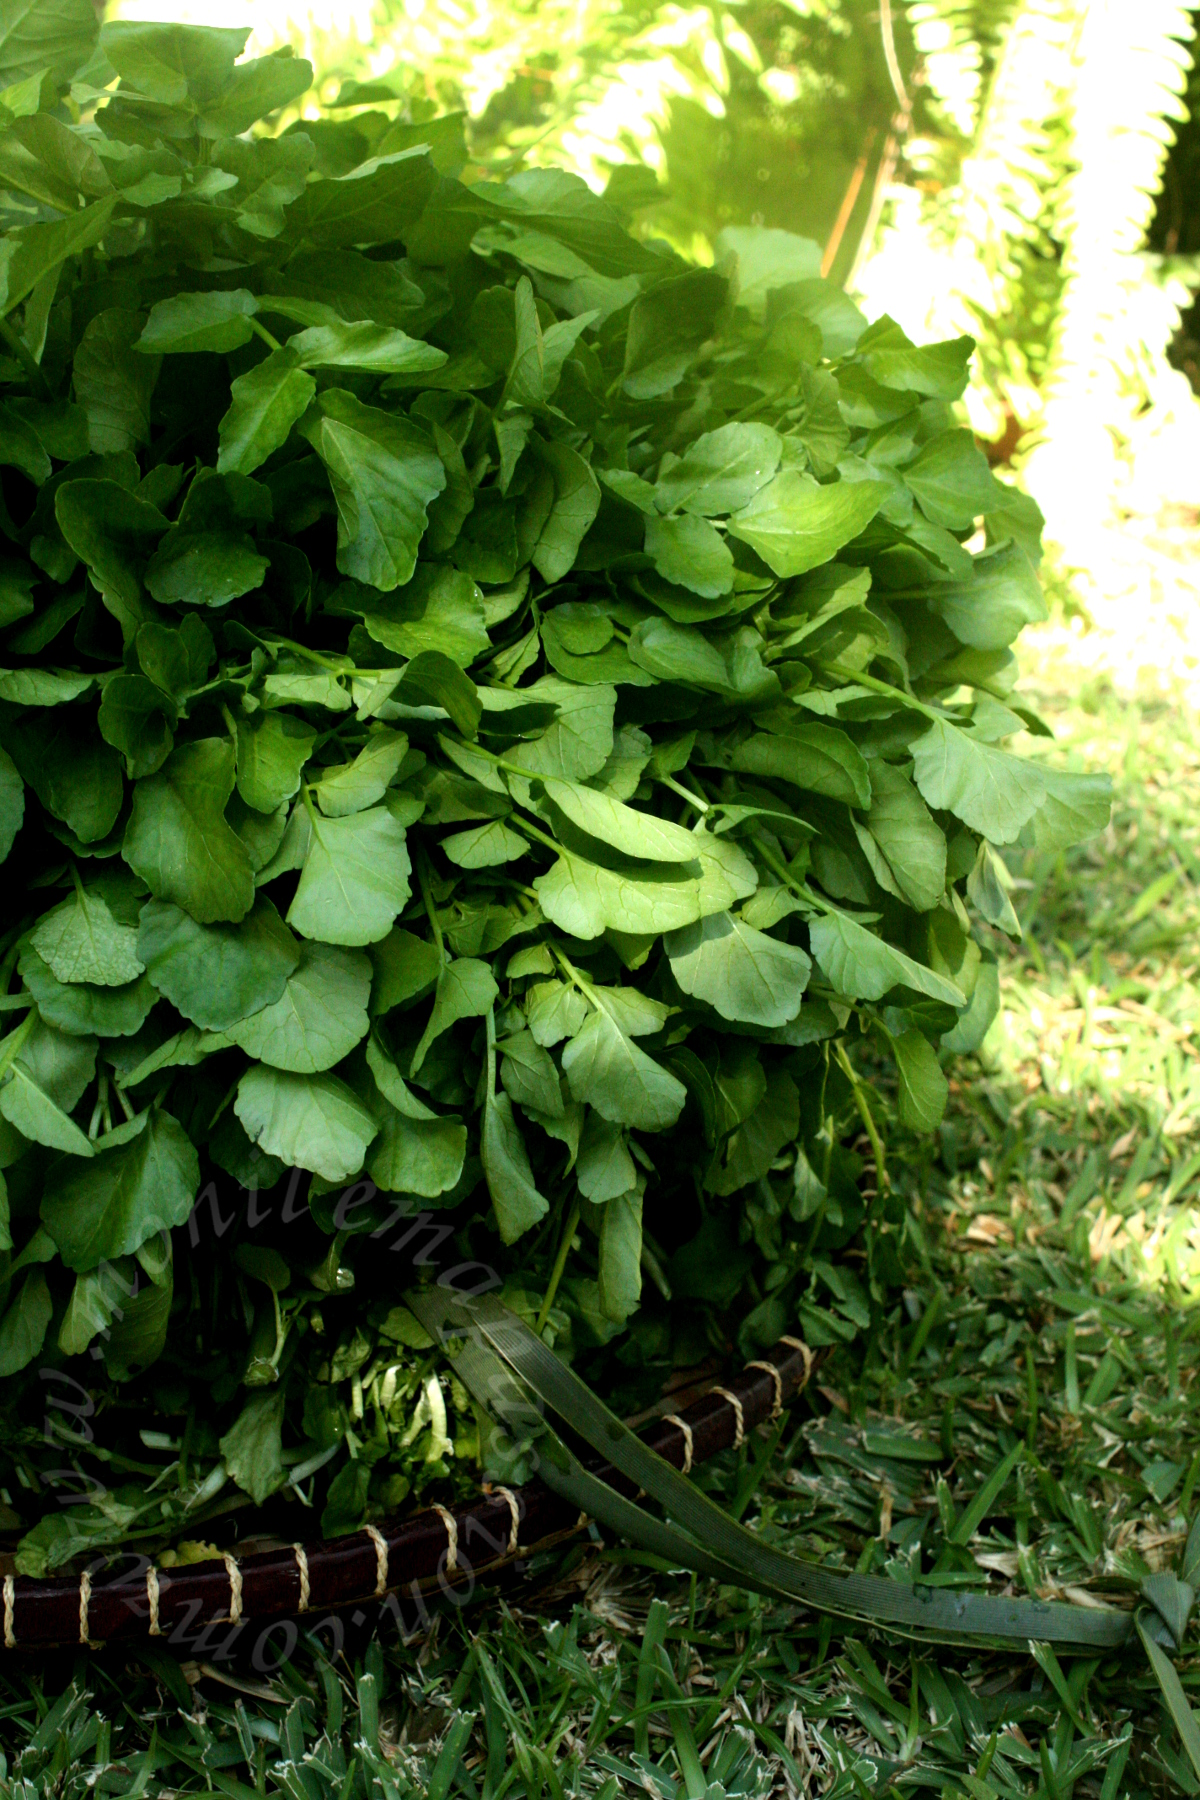 Fricassée de brèdes cresson - Watercress fricassee